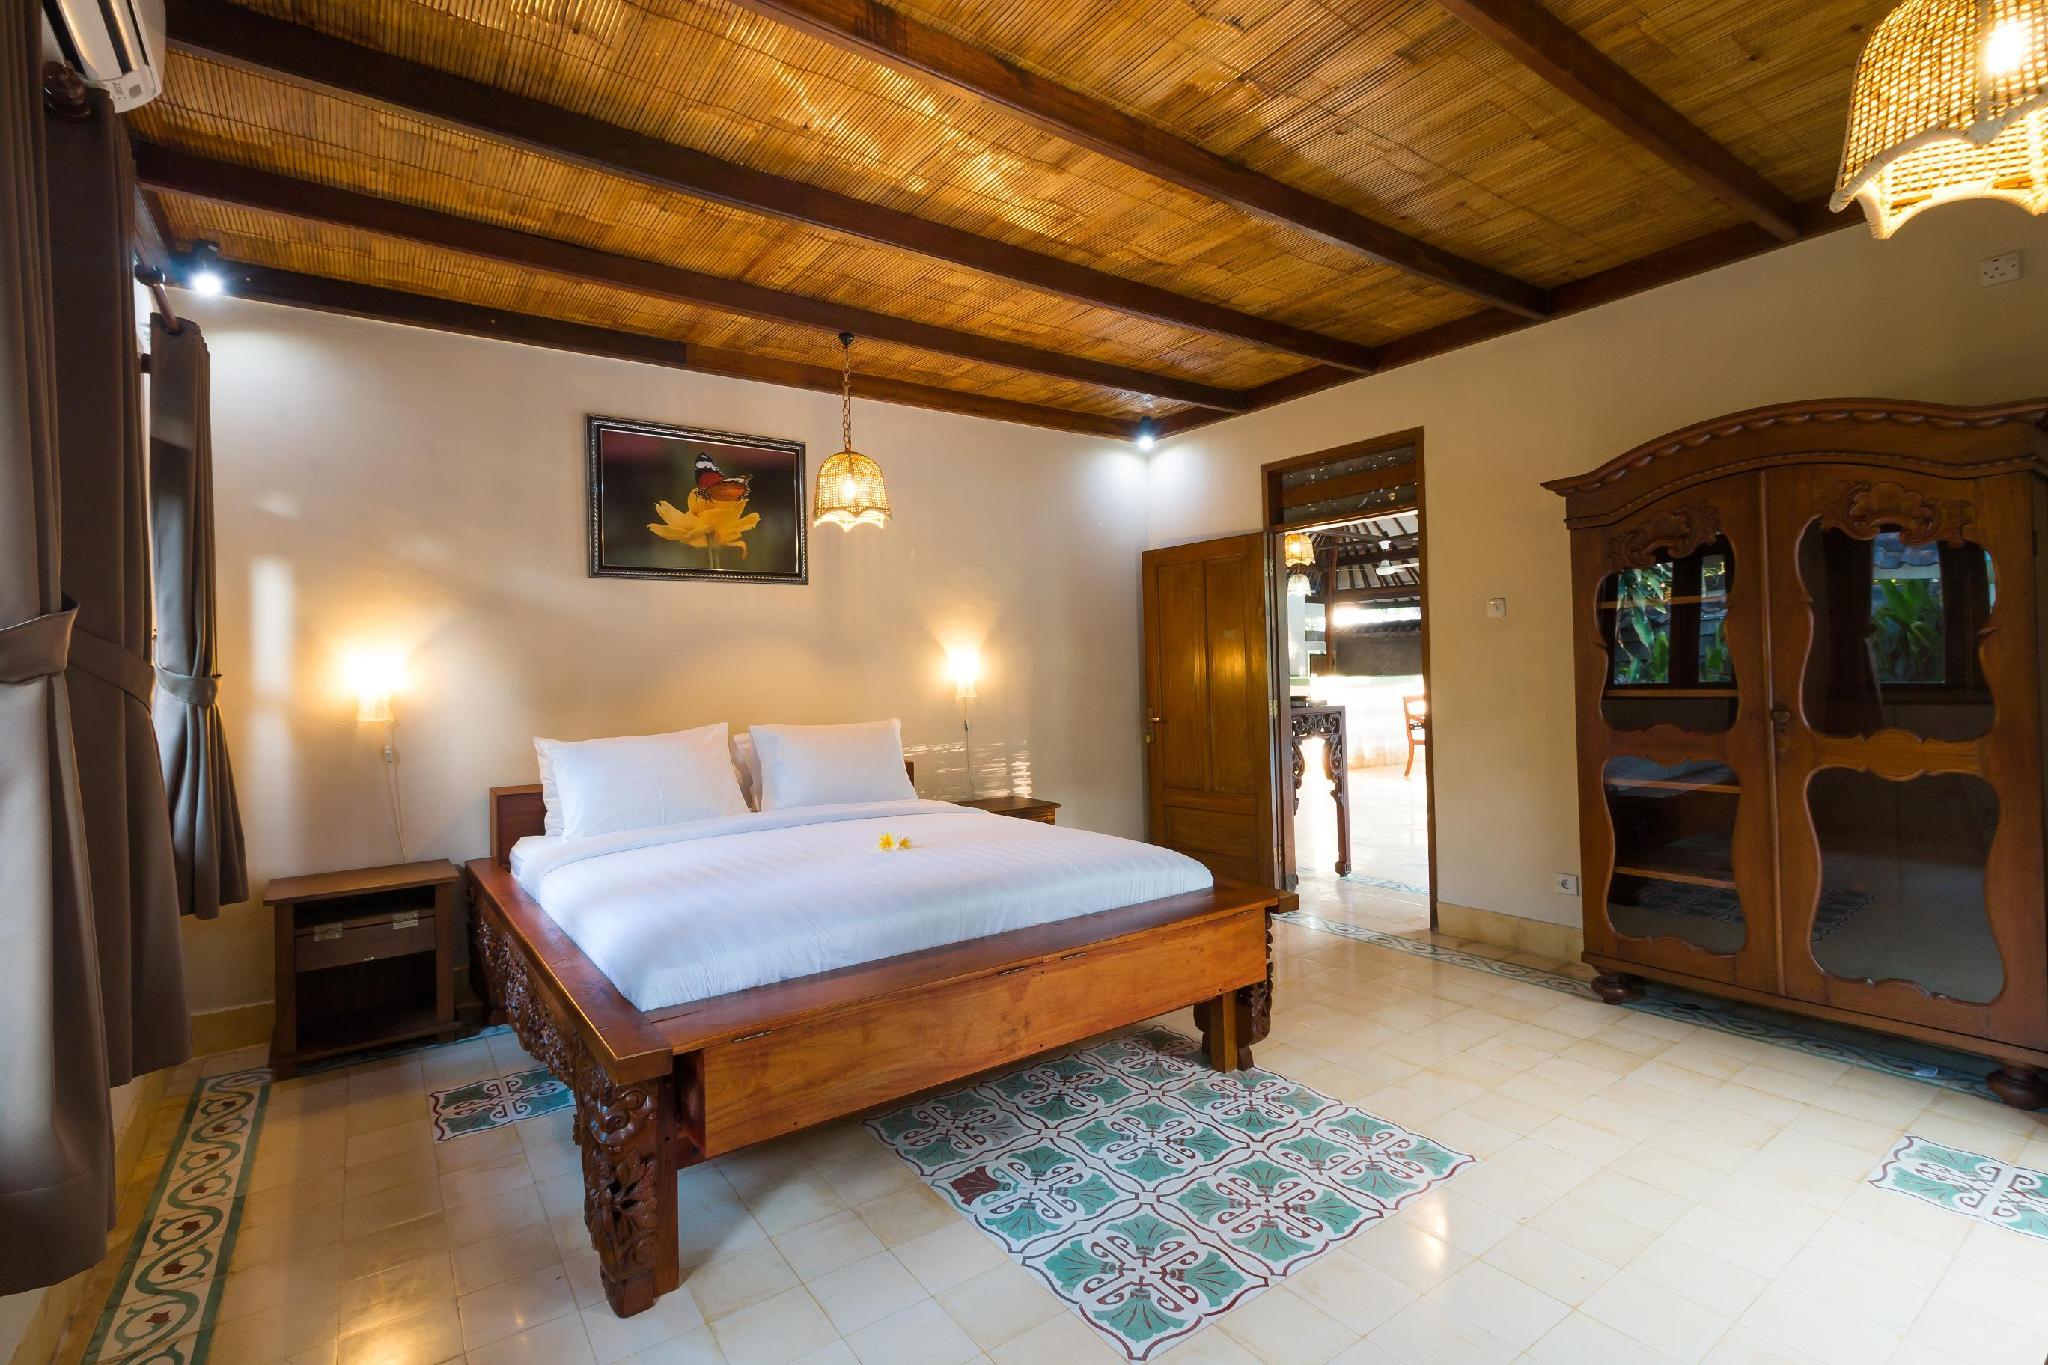 Bali Royal Heritage Villas